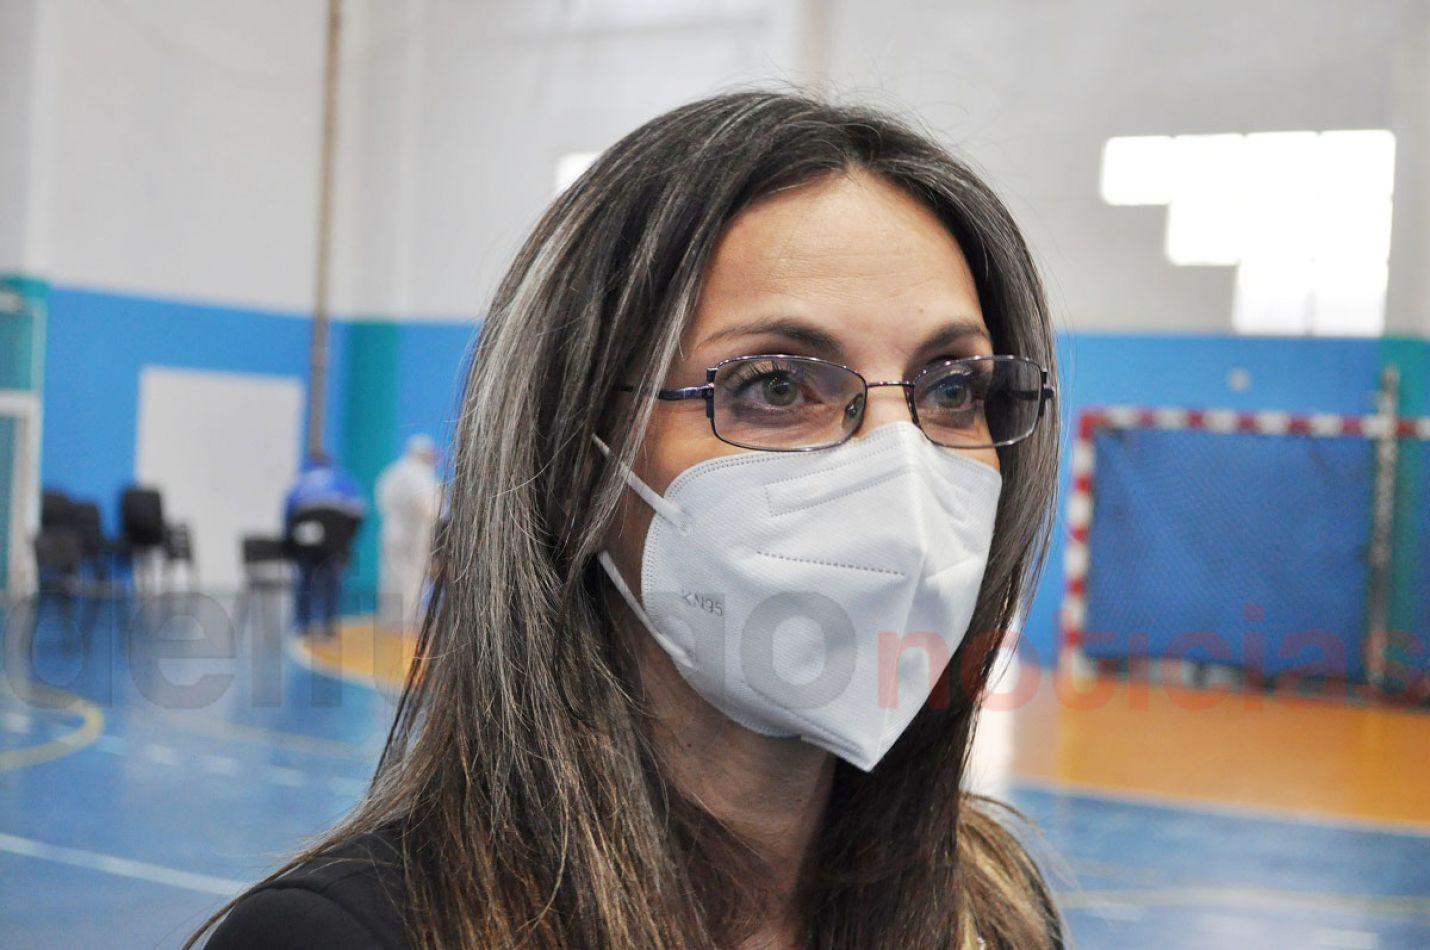 Dra., Gabriela Rodríguez, directora general de Atención Primaria y Salud Mental del Municipio de Río Grande.